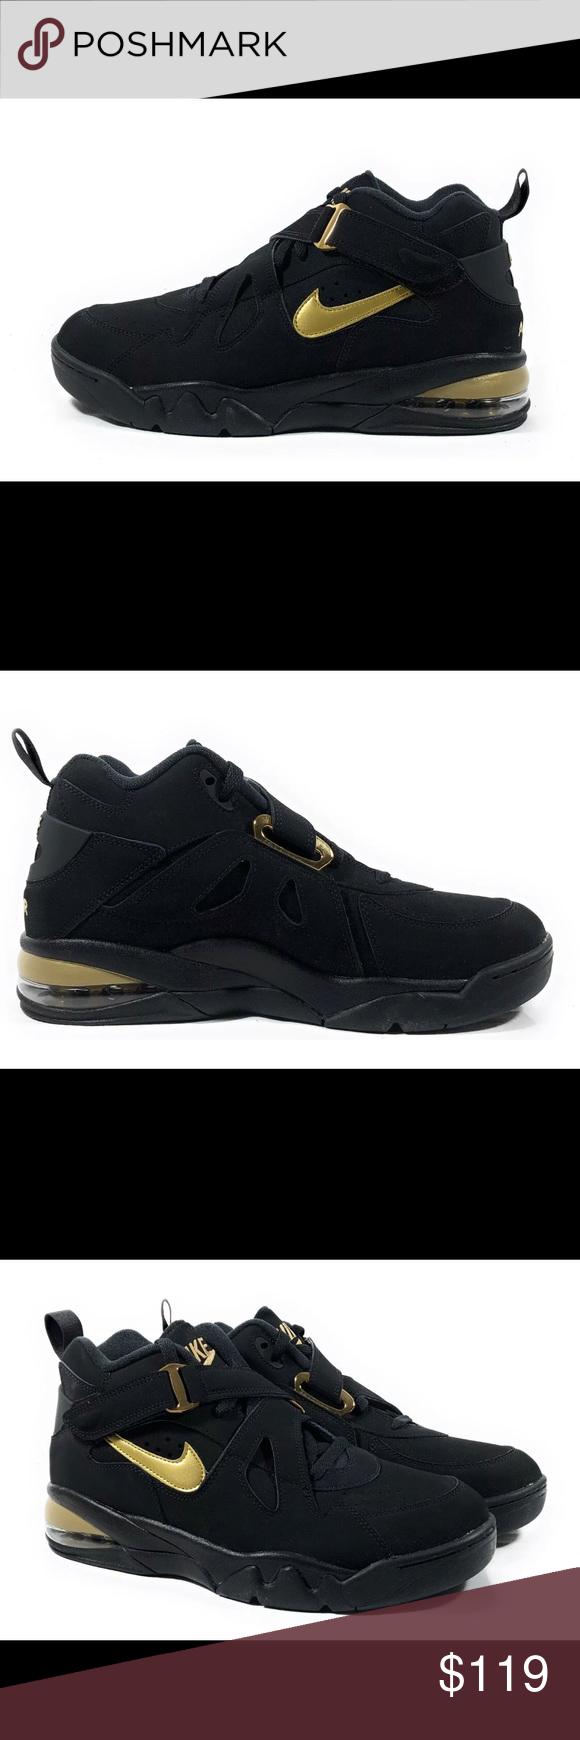 Nike Air Force Max CB Men's Black Gold Sneakers Nike Air